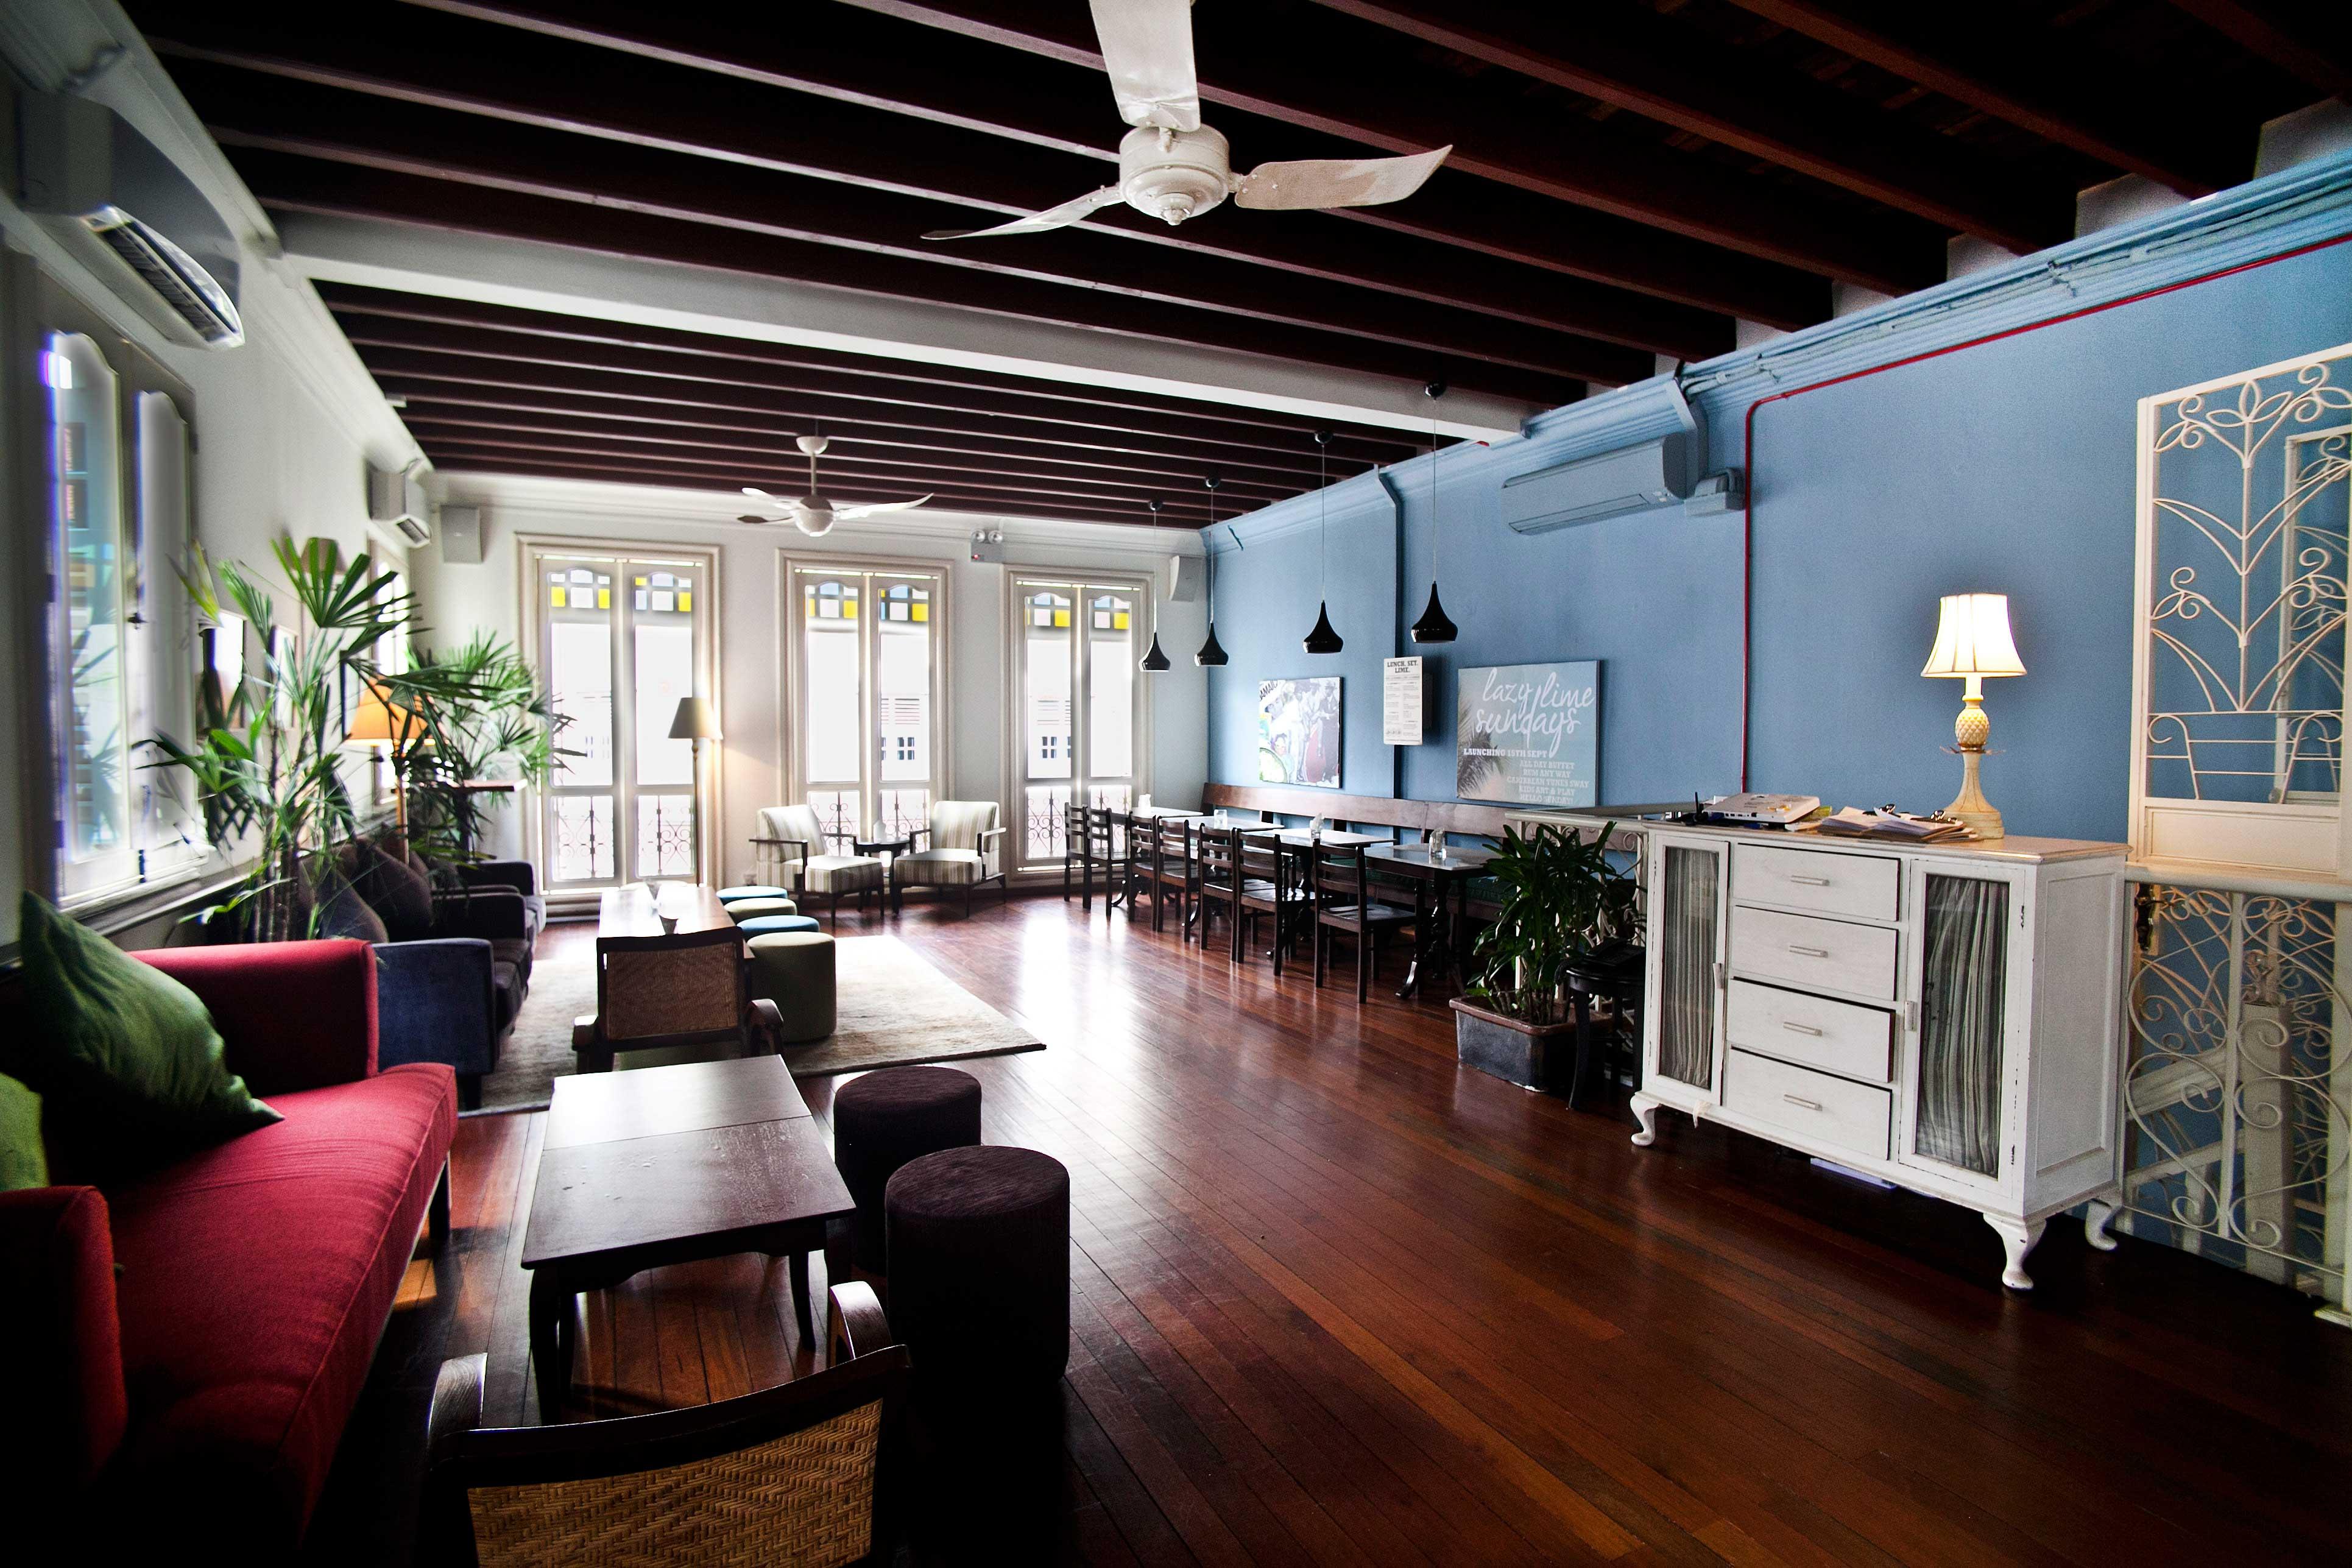 Unique-themed-parties-venuerific-blog-limehouse-meeting-space